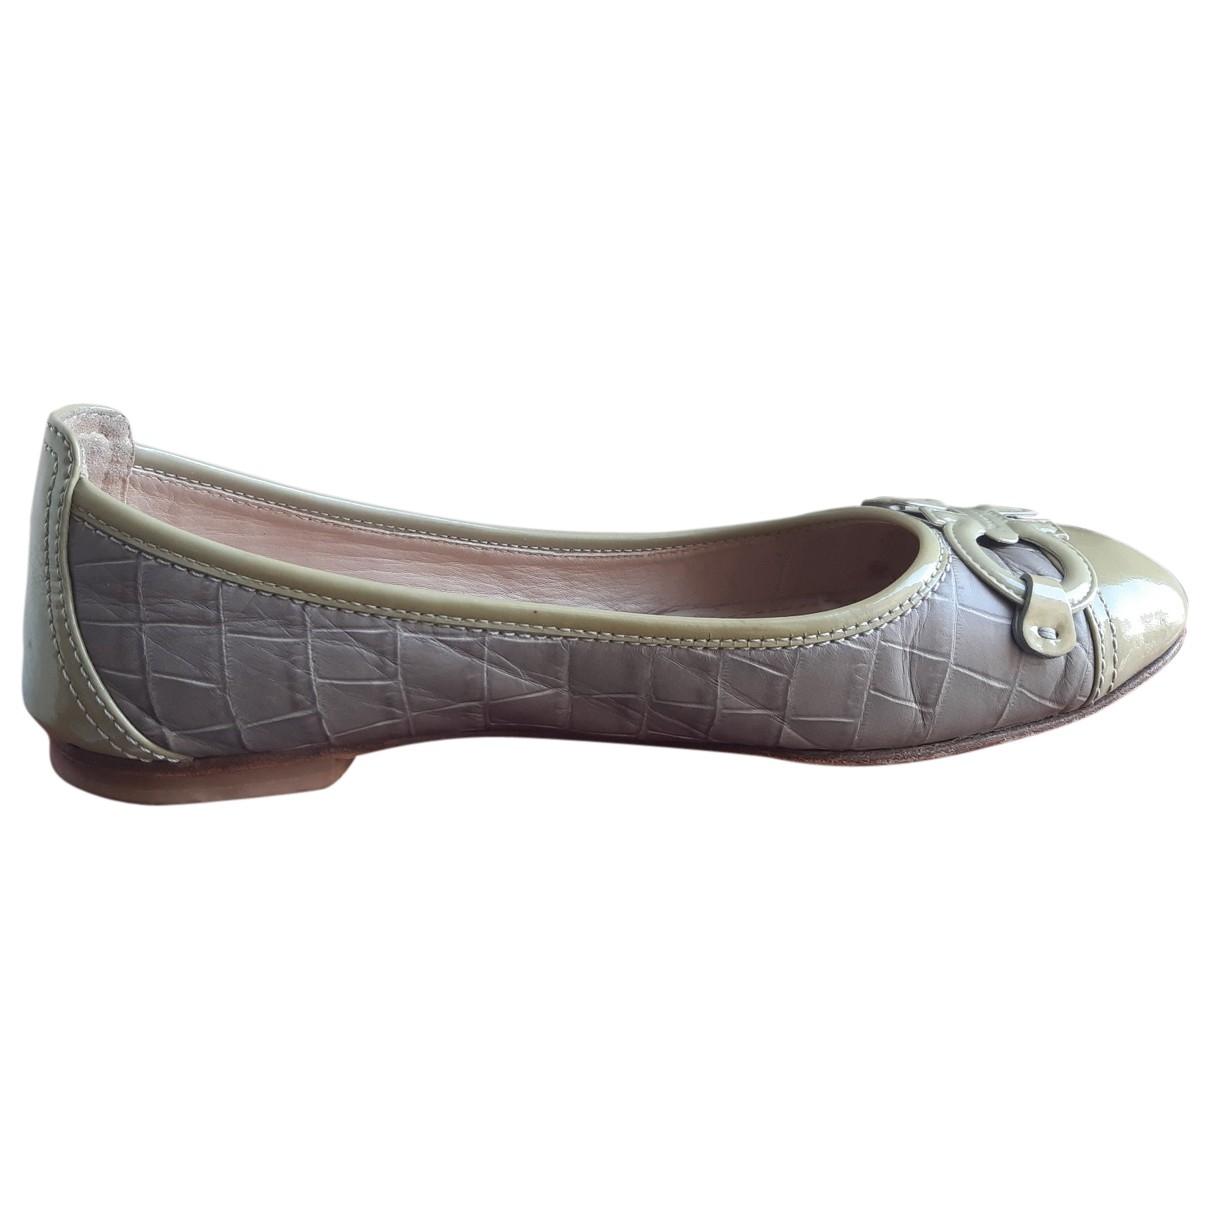 Salvatore Ferragamo \N Grey Leather Ballet flats for Women 37.5 EU